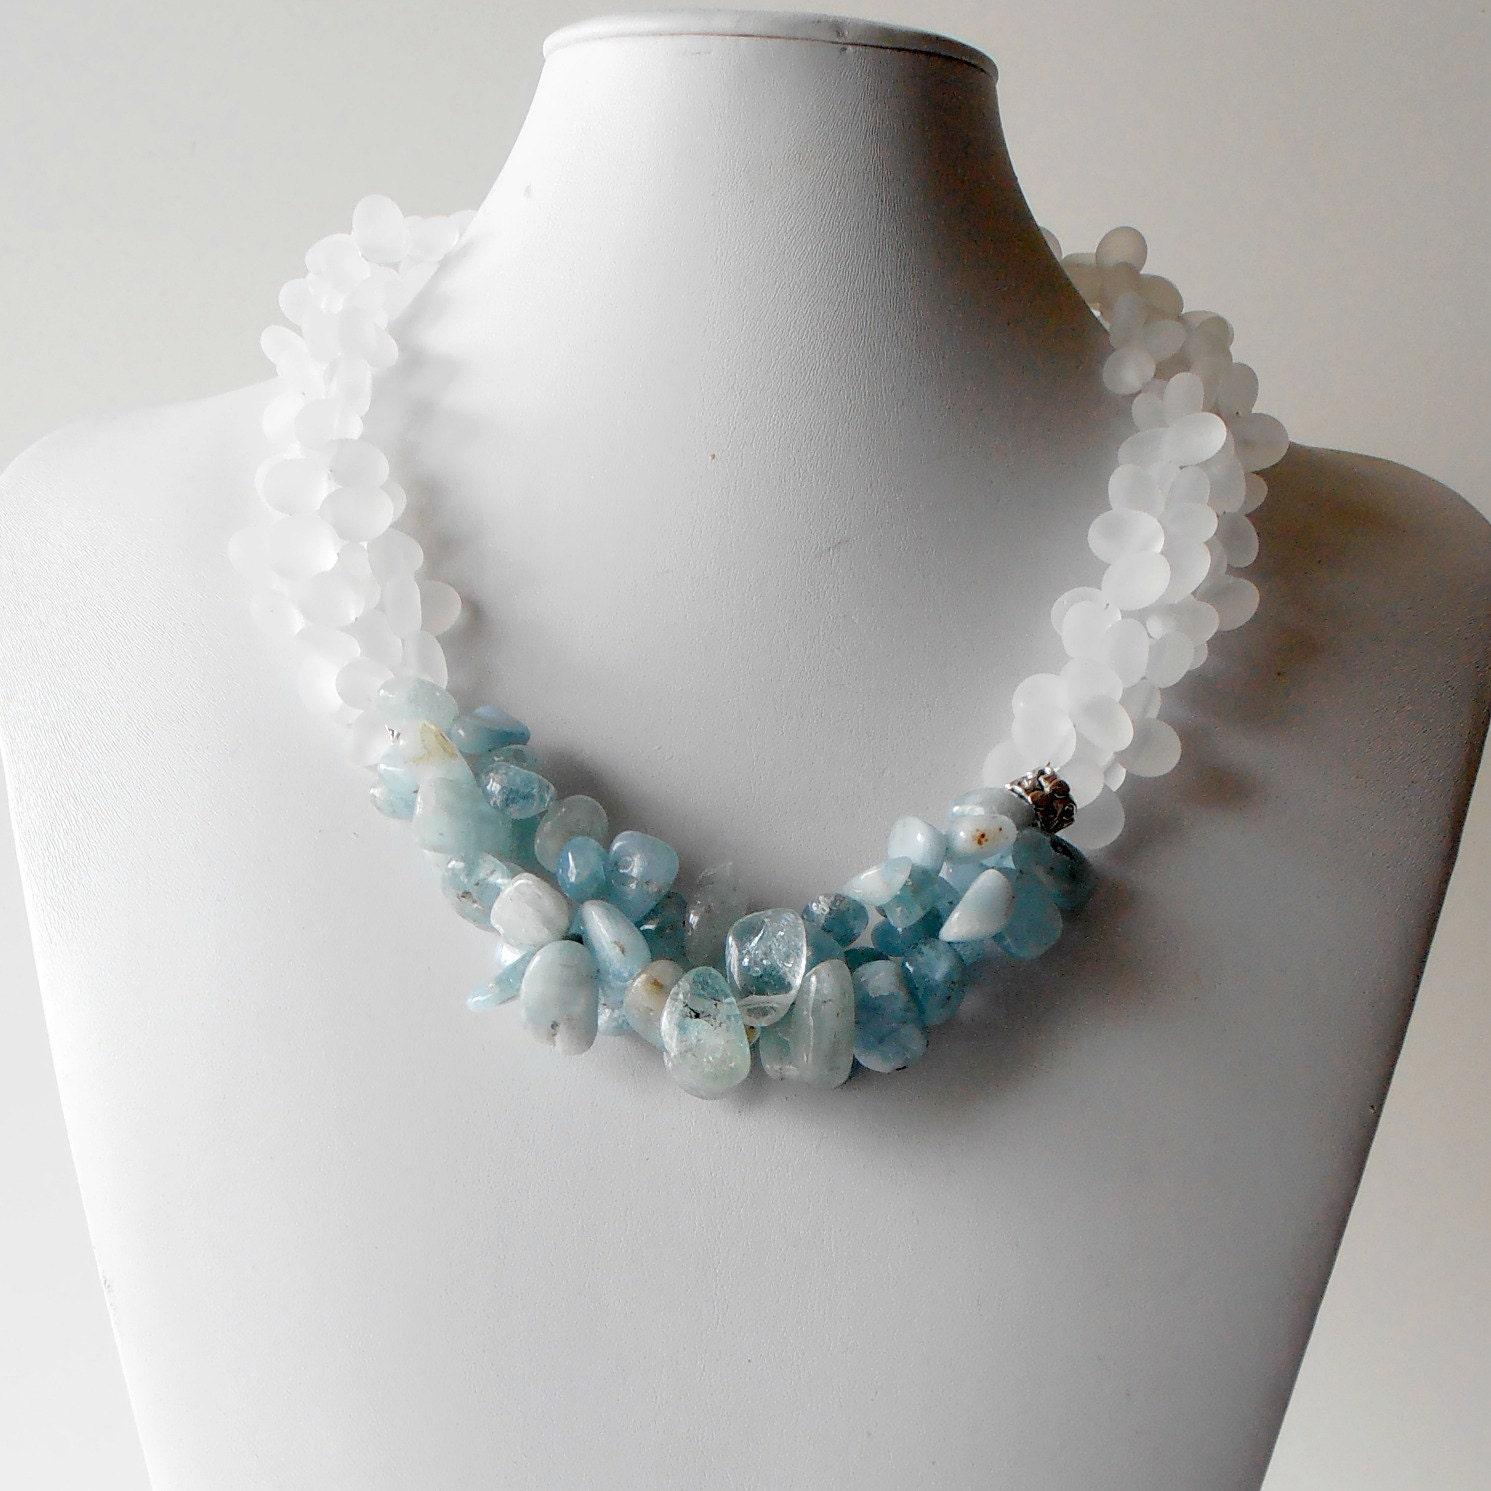 Aquamarine Necklaces: Chunky Necklace Aquamarine Gemstone Jewelry Light By